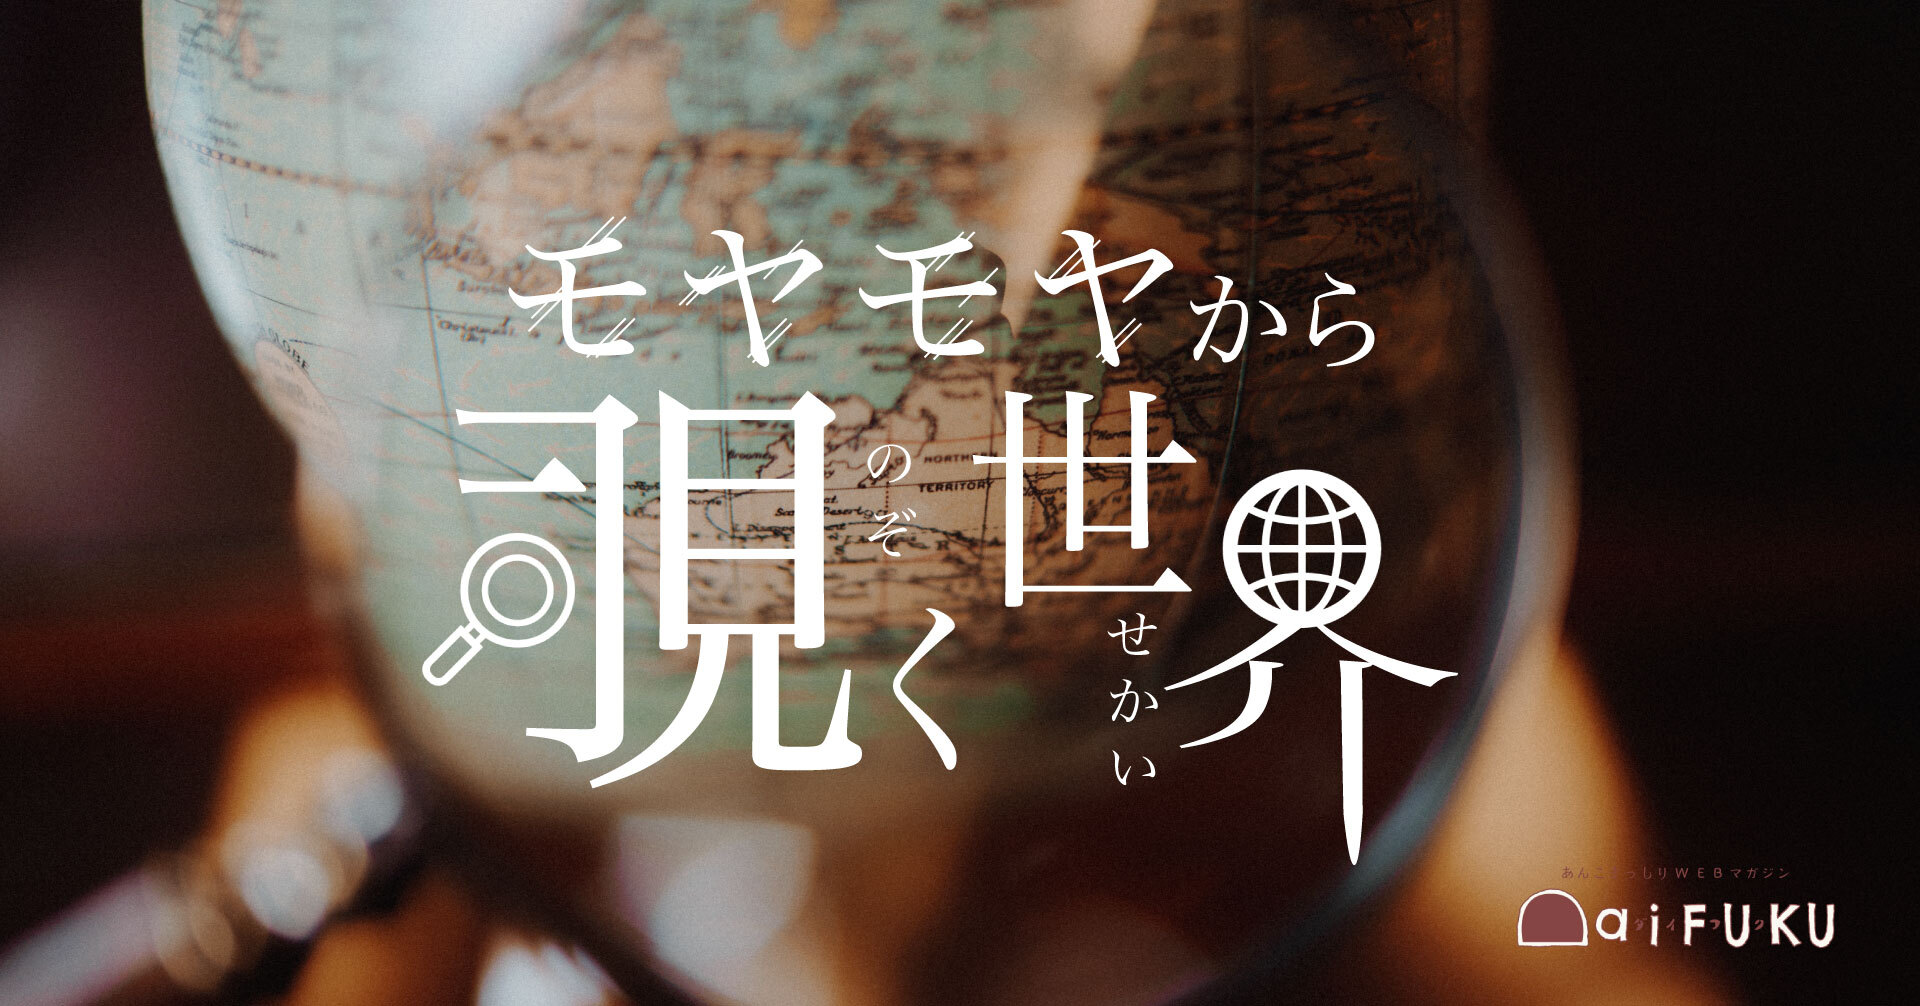 【2021年9月30日まで!】第3回読者投稿型エッセイ募集!テーマは「モヤモヤから覗く世界」【どなたでも投稿OK】